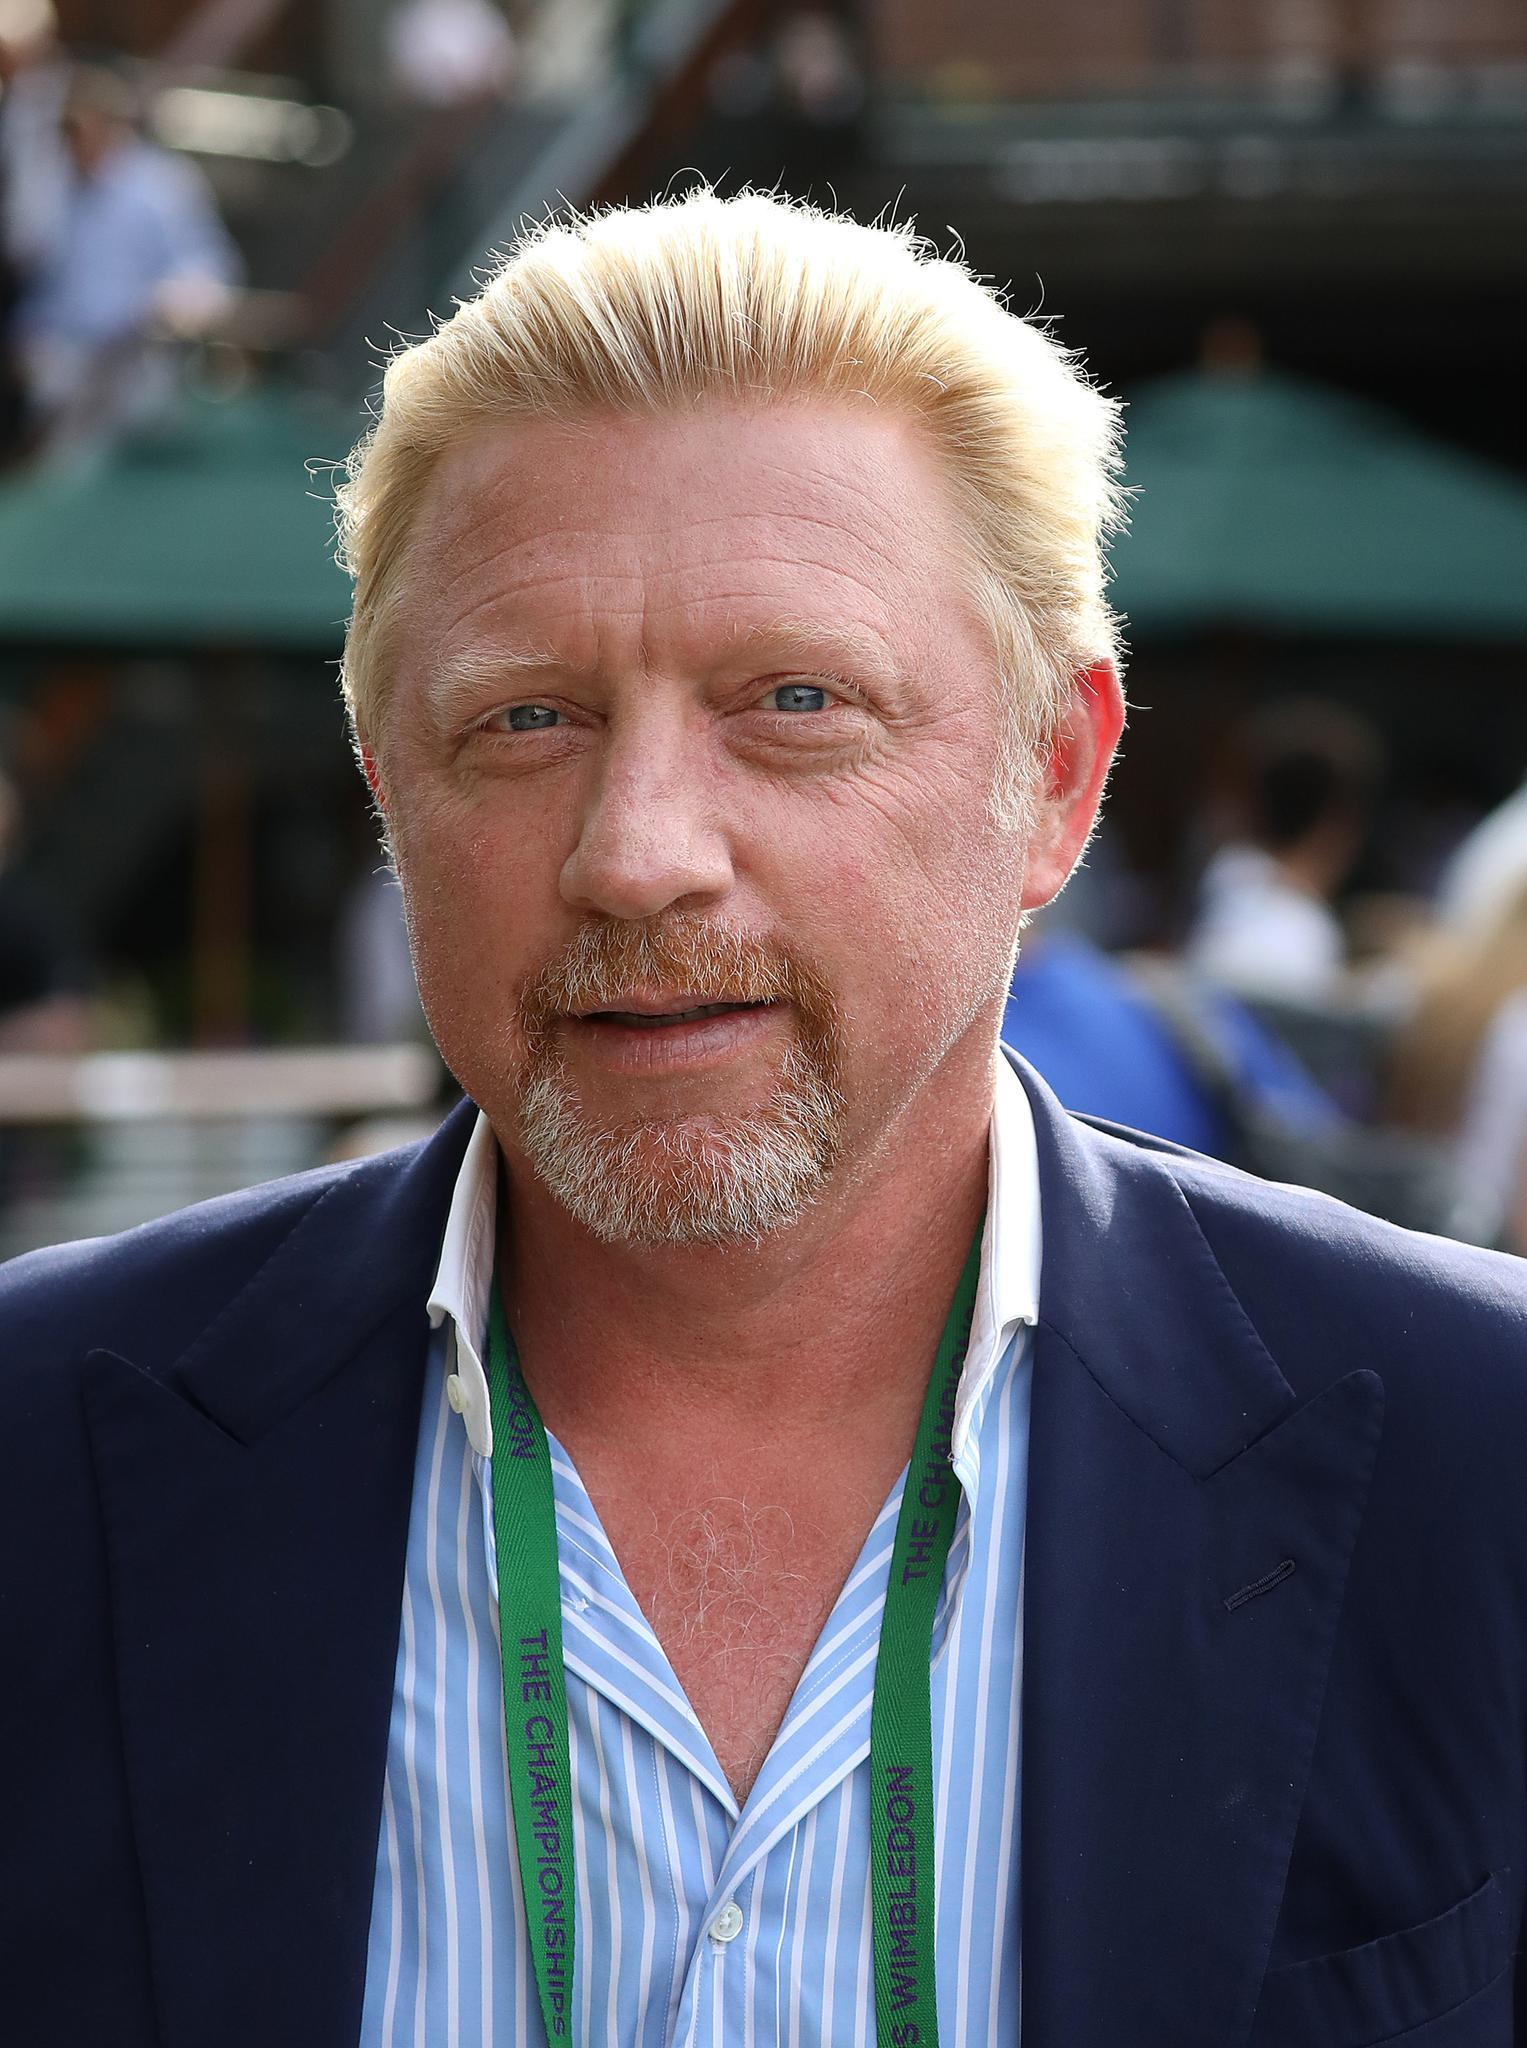 Zieht Boris Becker ins britische Dschungelcamp